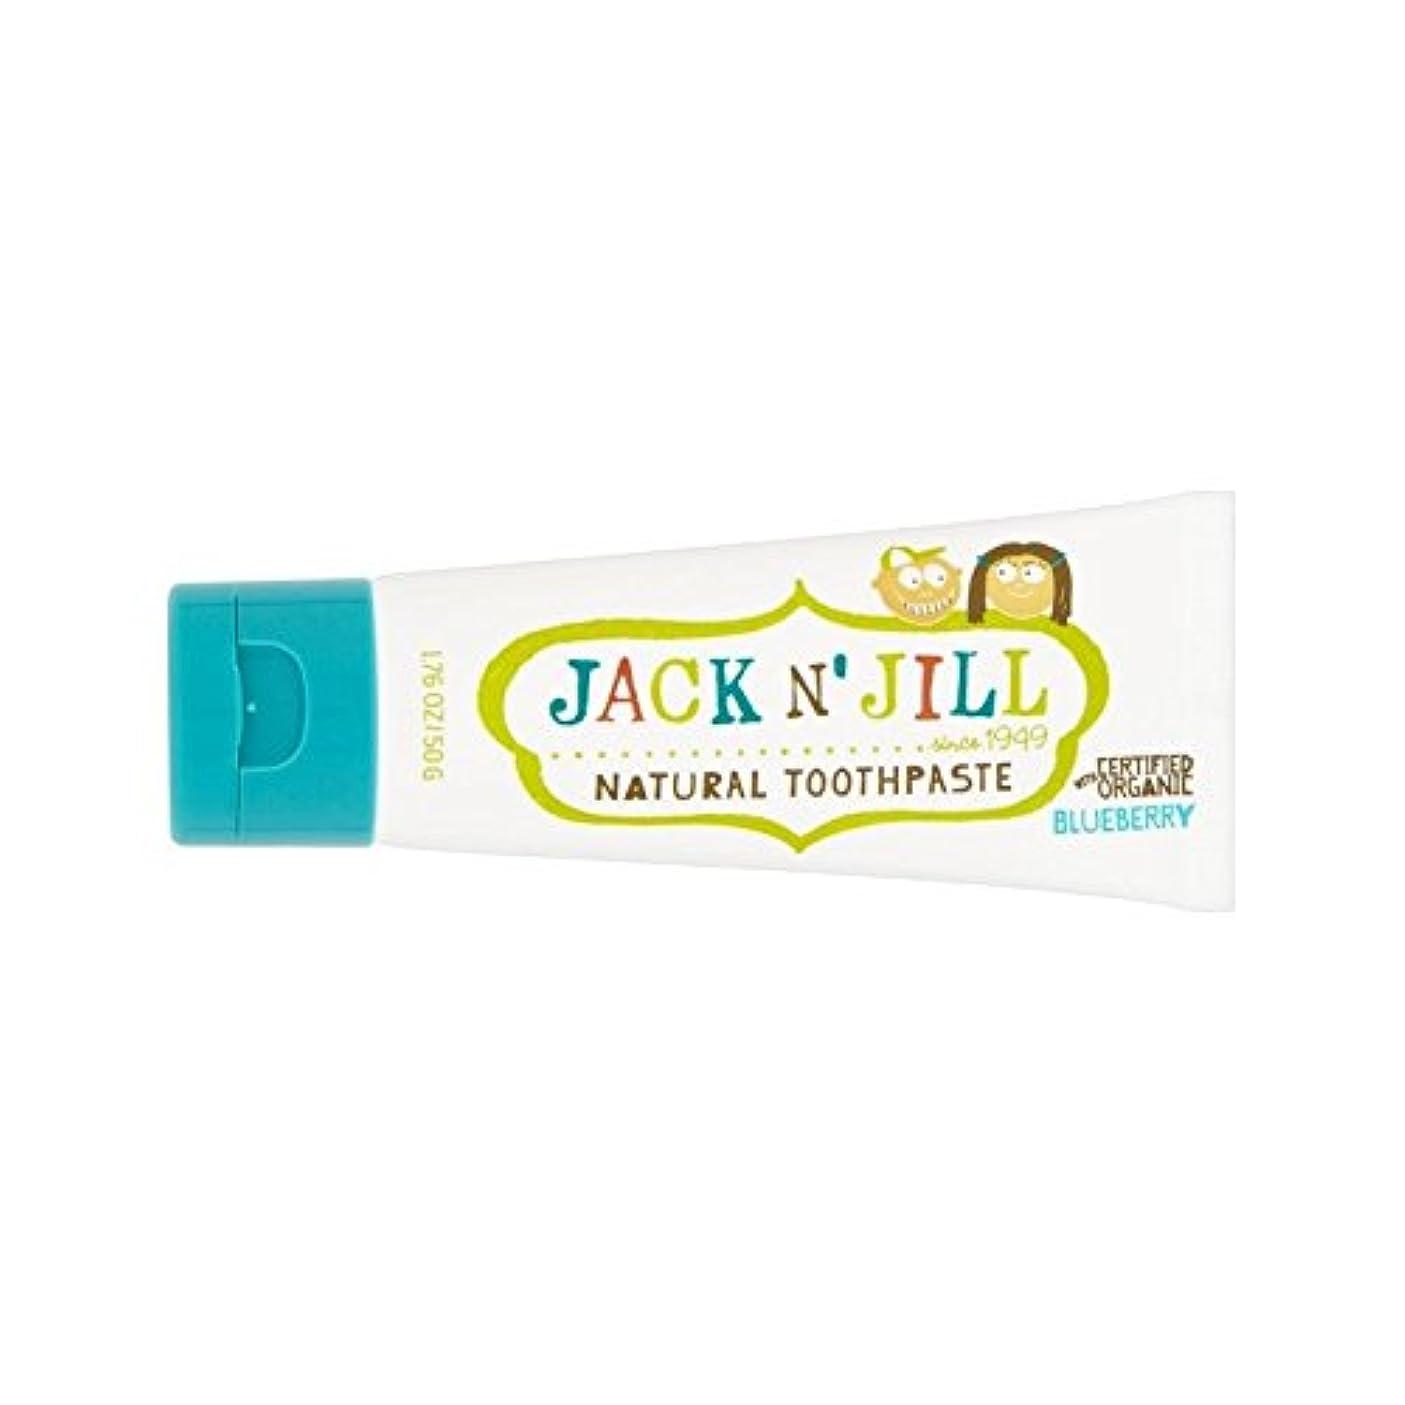 ユーモラスペルメル消す有機香味50グラムとの自然なブルーベリー歯磨き粉 (Jack N Jill) - Jack N' Jill Blueberry Toothpaste Natural with Organic Flavouring 50g...